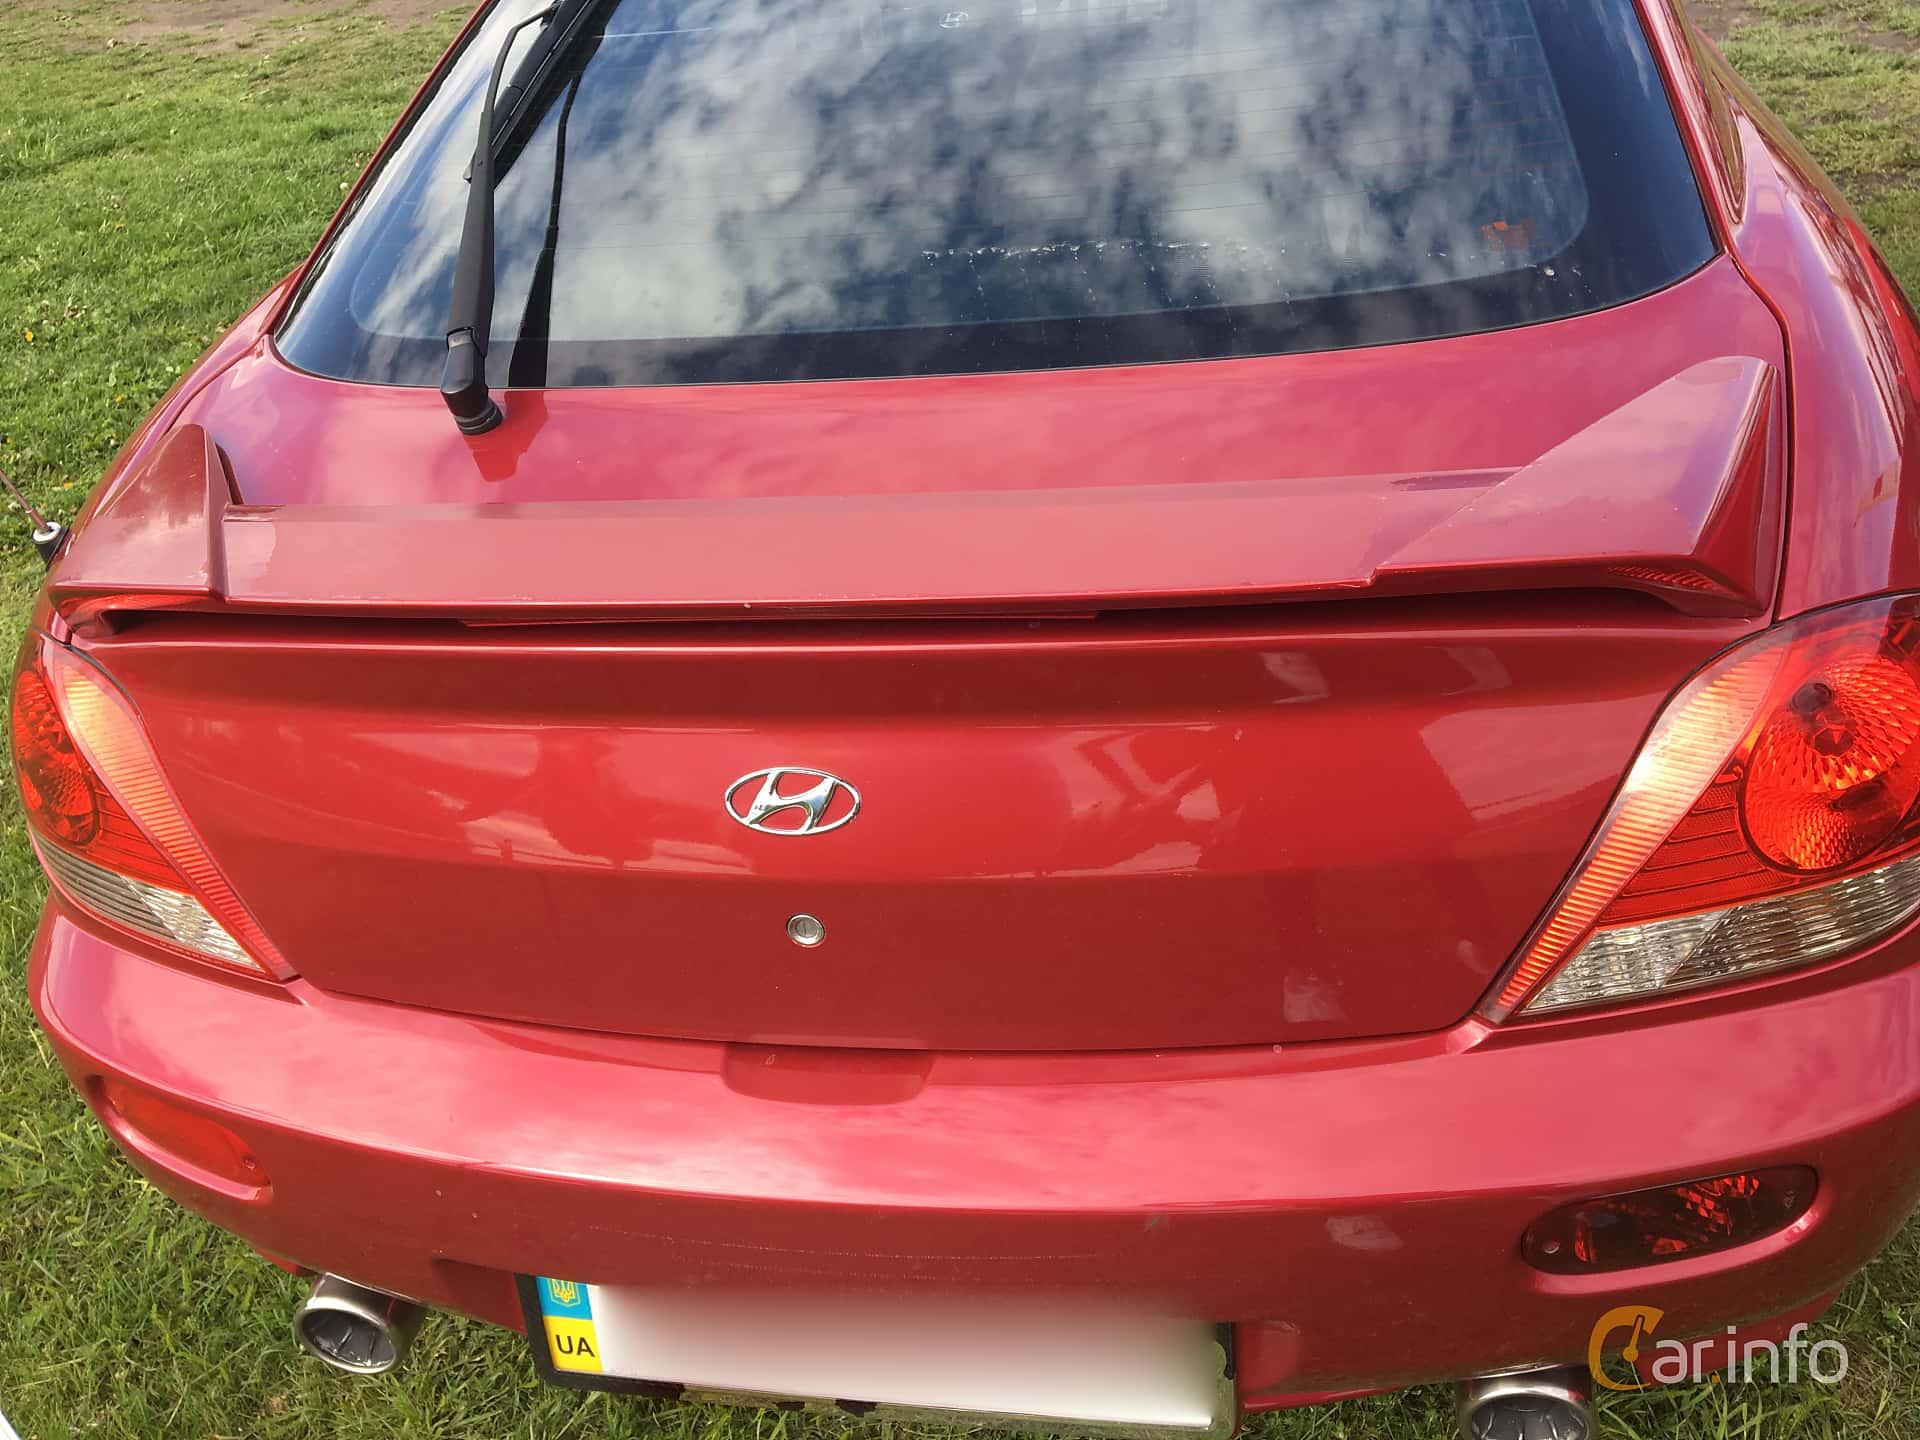 Hyundai Coupé 2.0 143hp, 2006 at Old Car Land no.1 2019